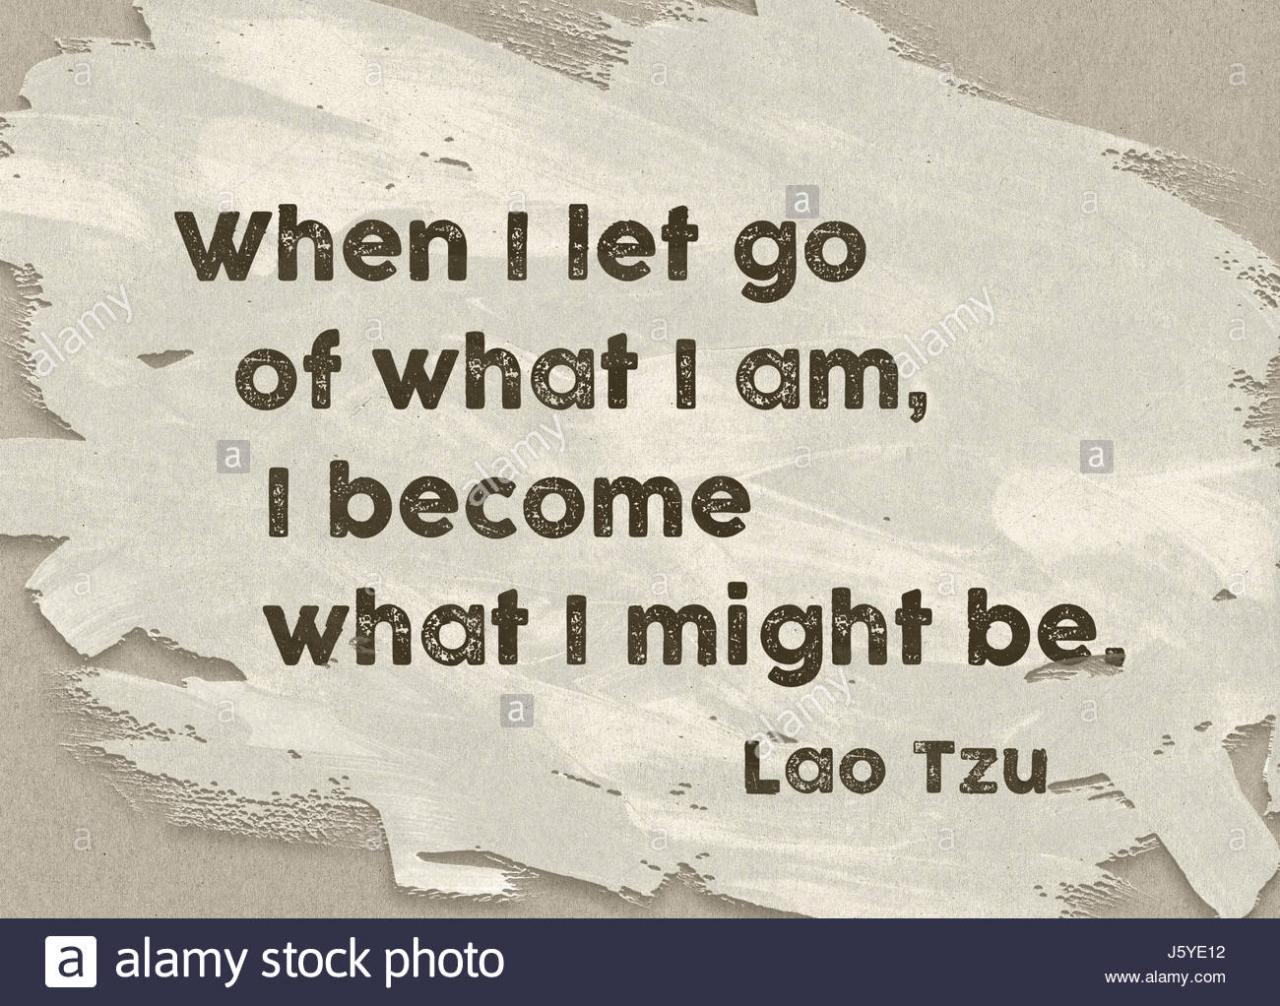 Wenn Ich Loslassen Was Ich Bin Antike Chinesische Philosoph Laotse Zitat Auf Lackiertem Papierhintergrund Gedruckt